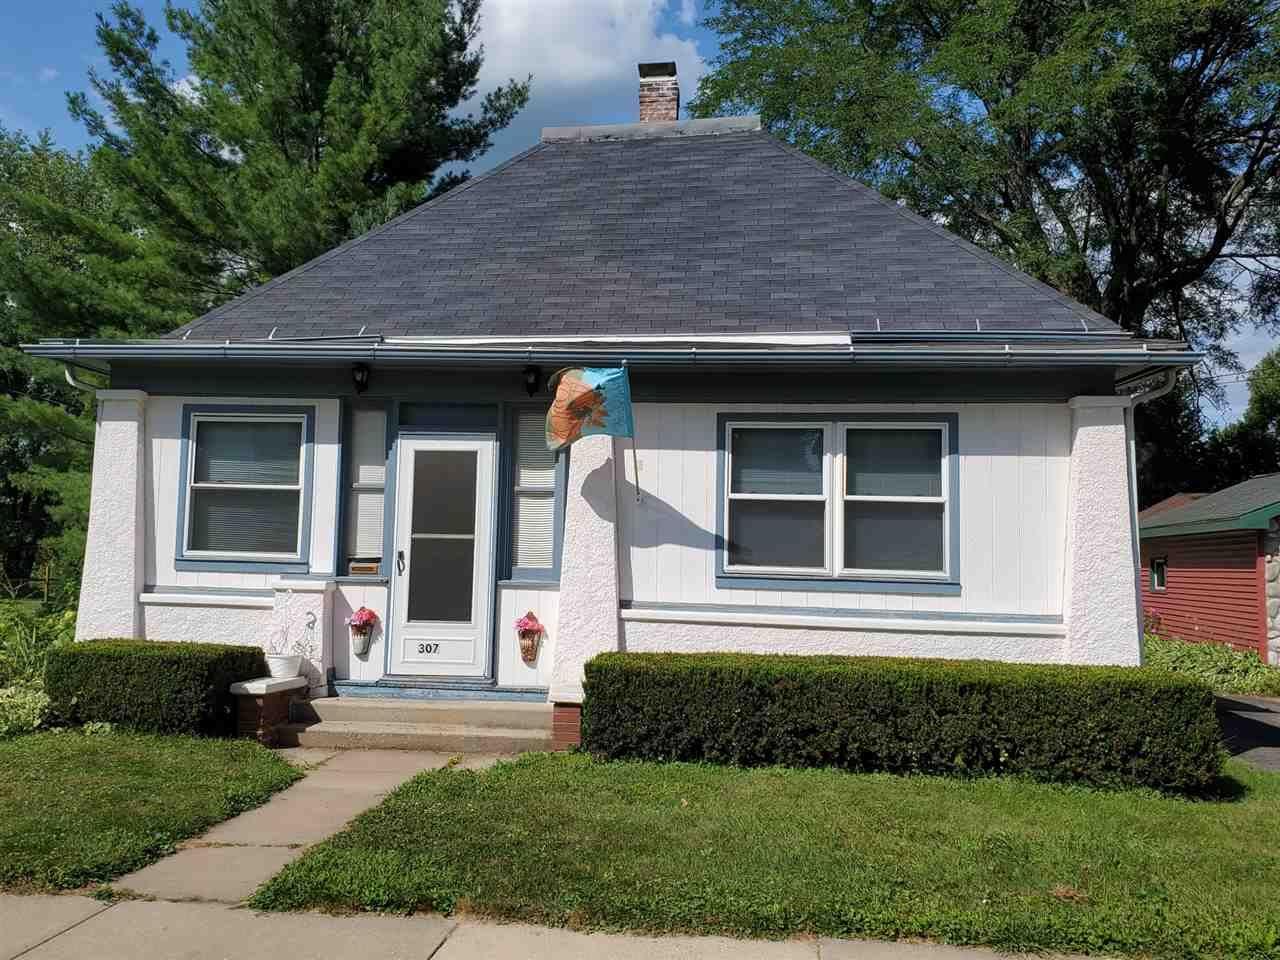 307 Tremont St, Mauston, WI 53948 - #: 1890435